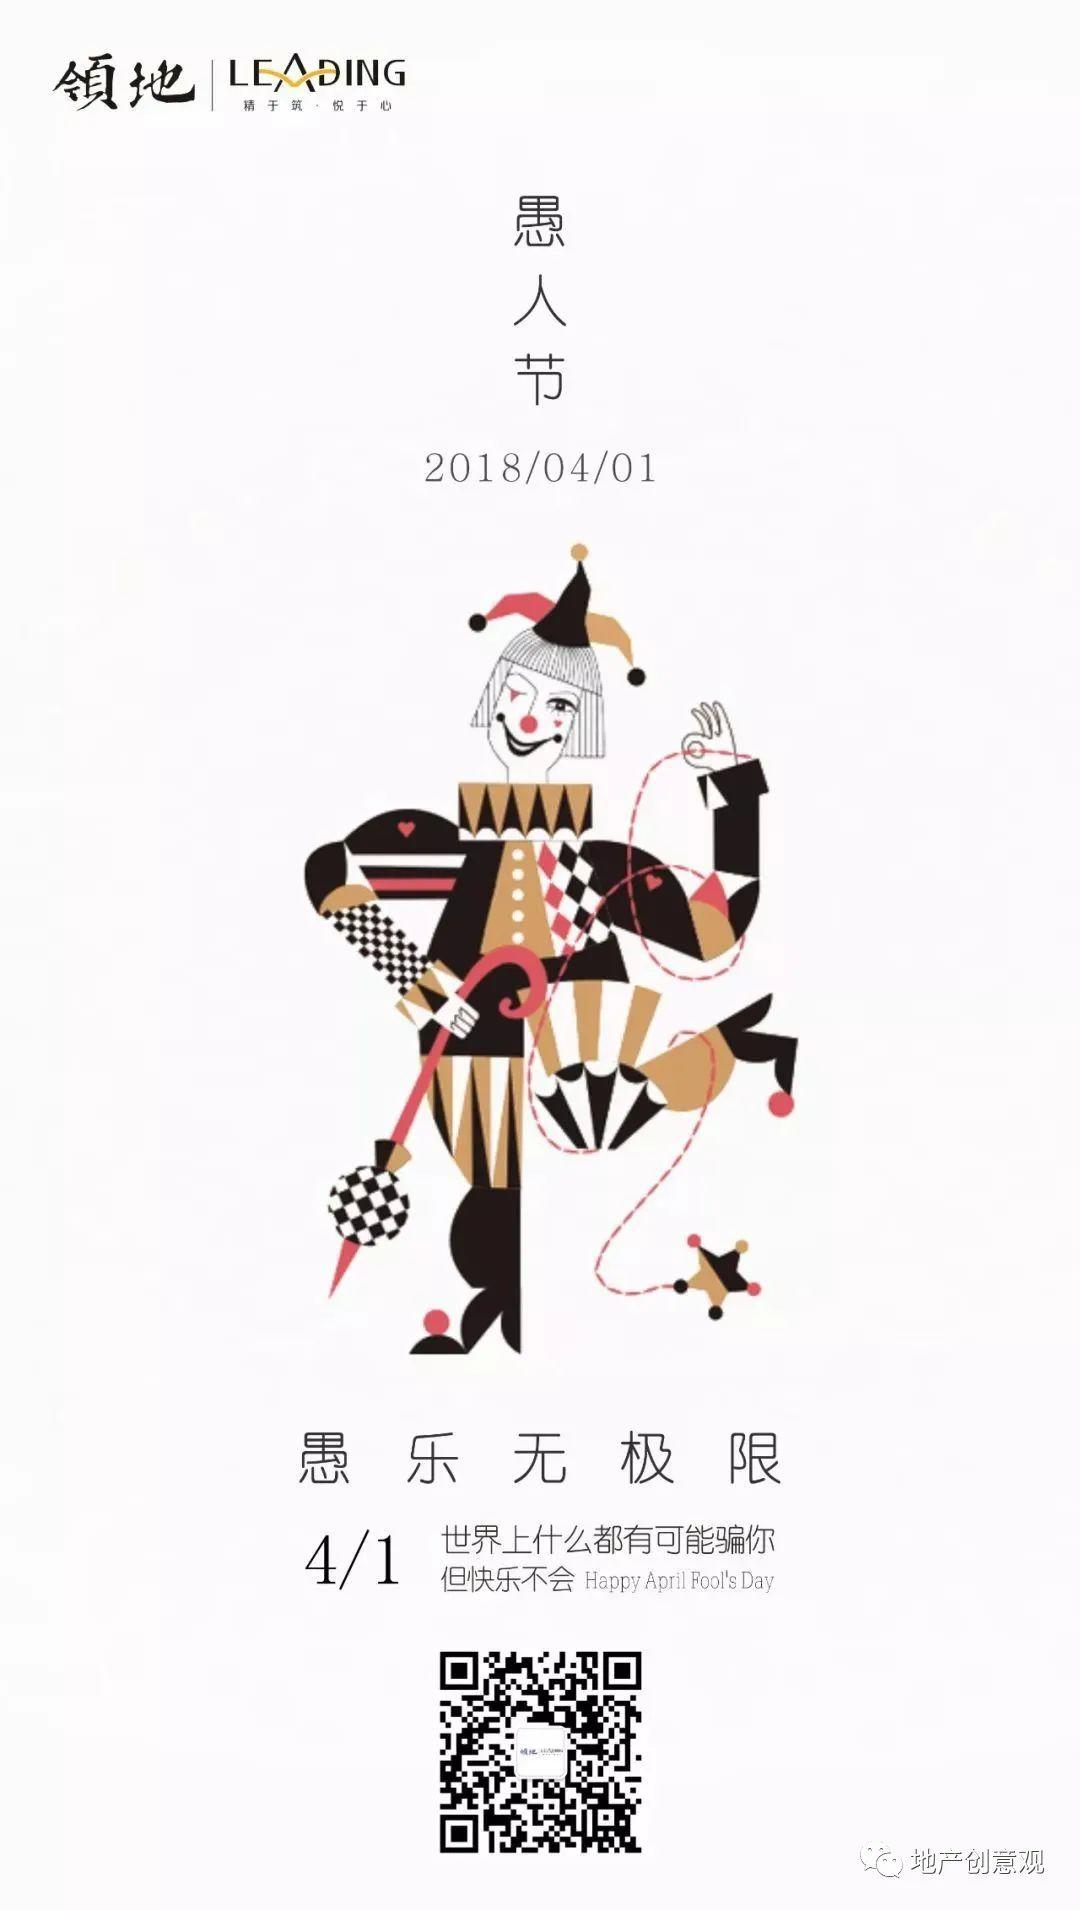 地产广告丨2021愚人节借势海报文案欣赏~插图53